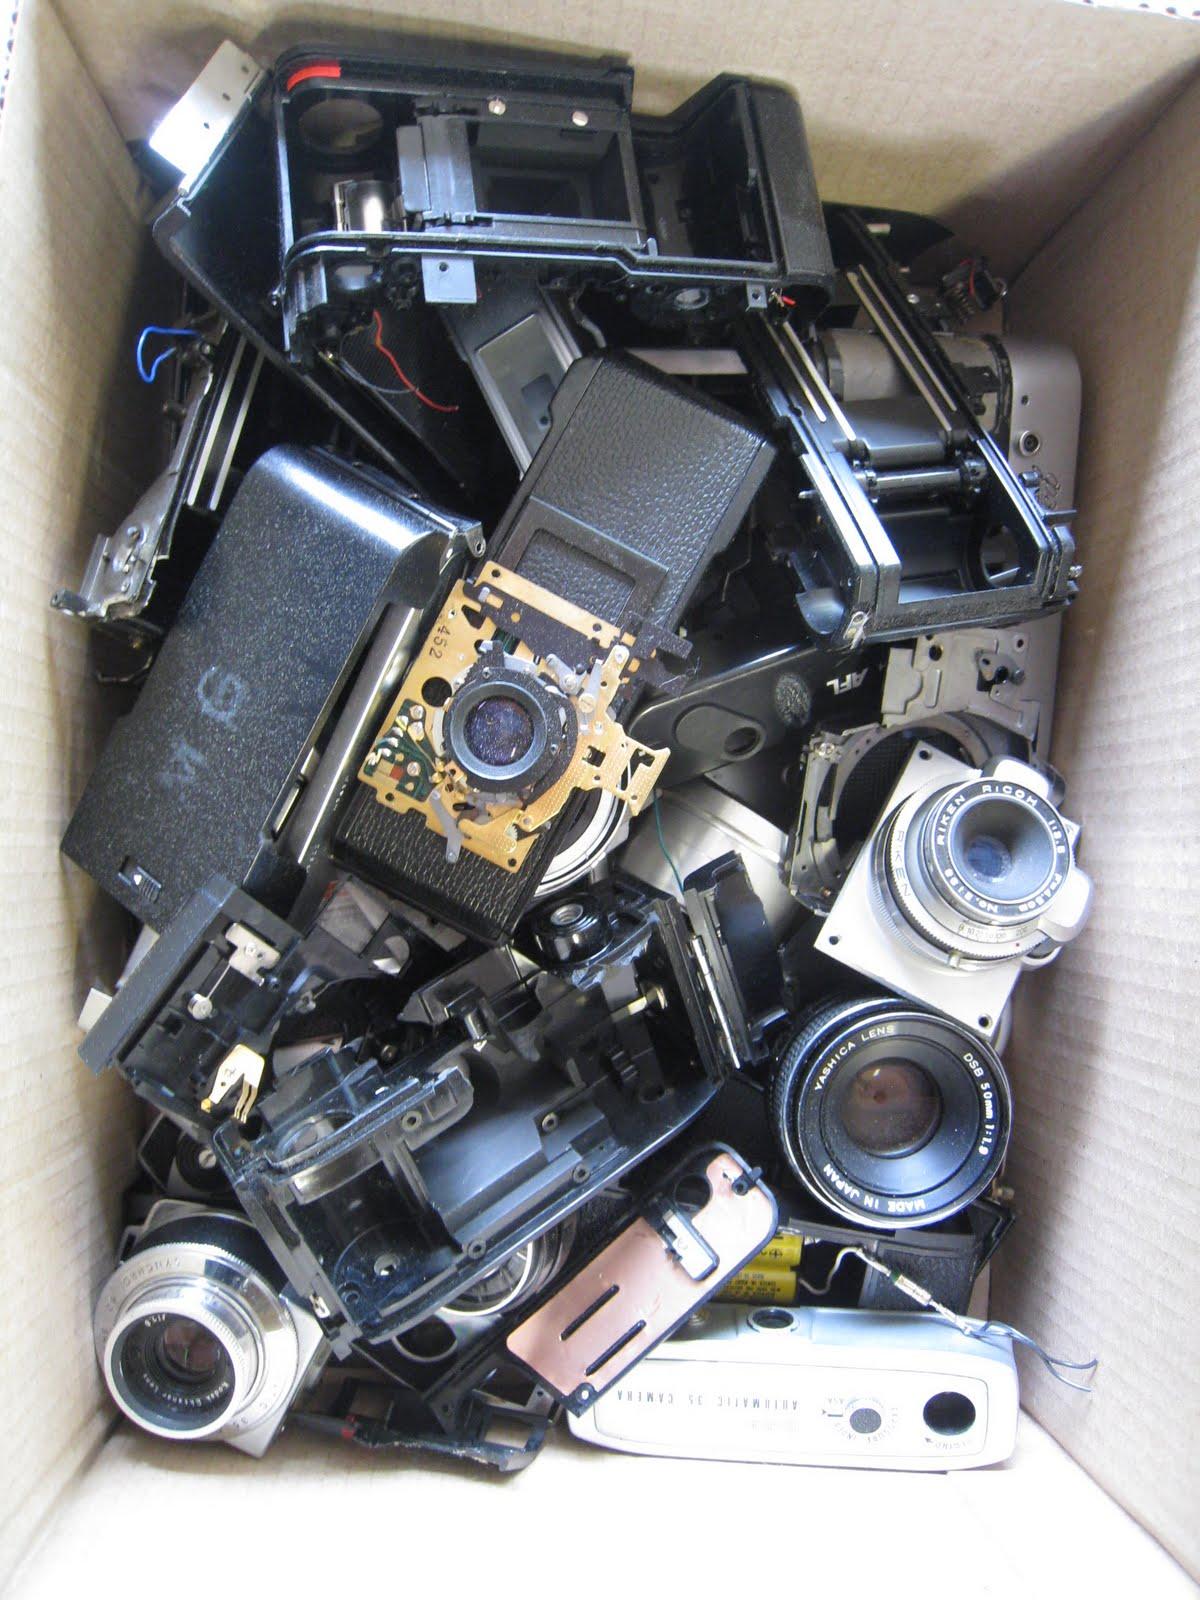 http://3.bp.blogspot.com/_7Q2dFrlwAqQ/S_5O0HteWeI/AAAAAAAABq0/_qv4Xh6HYLo/s1600/campbell%2Bcameras.JPG